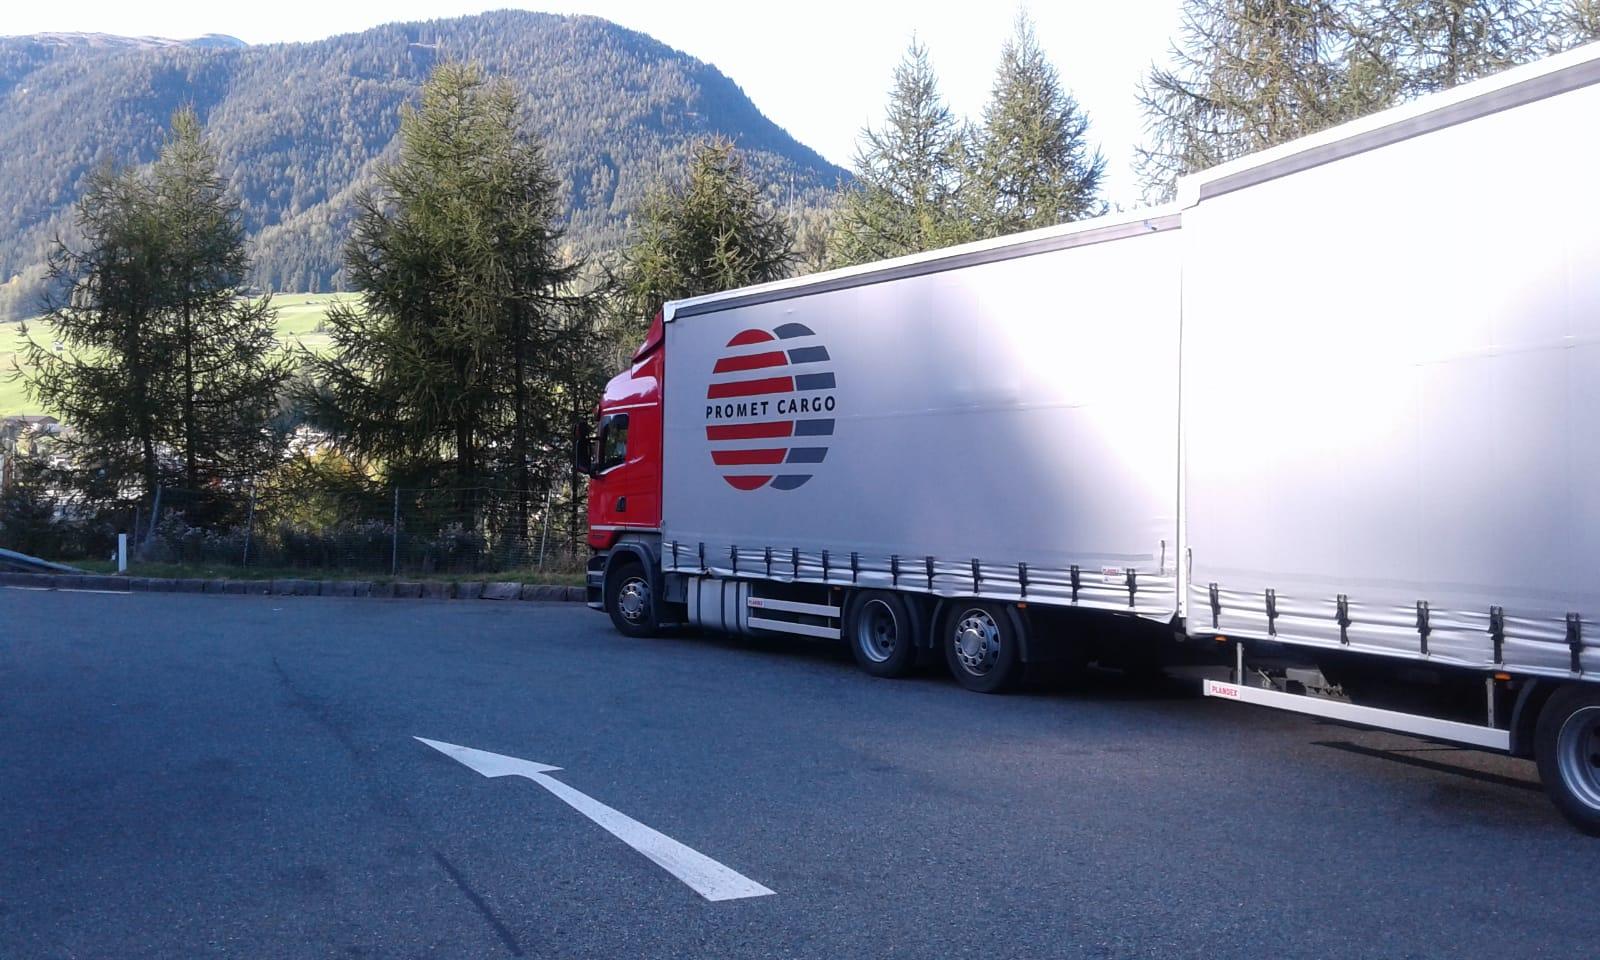 Promet Cargo Sp. zo.o. - TRANSPORT ISPEDYCJA - Tabor